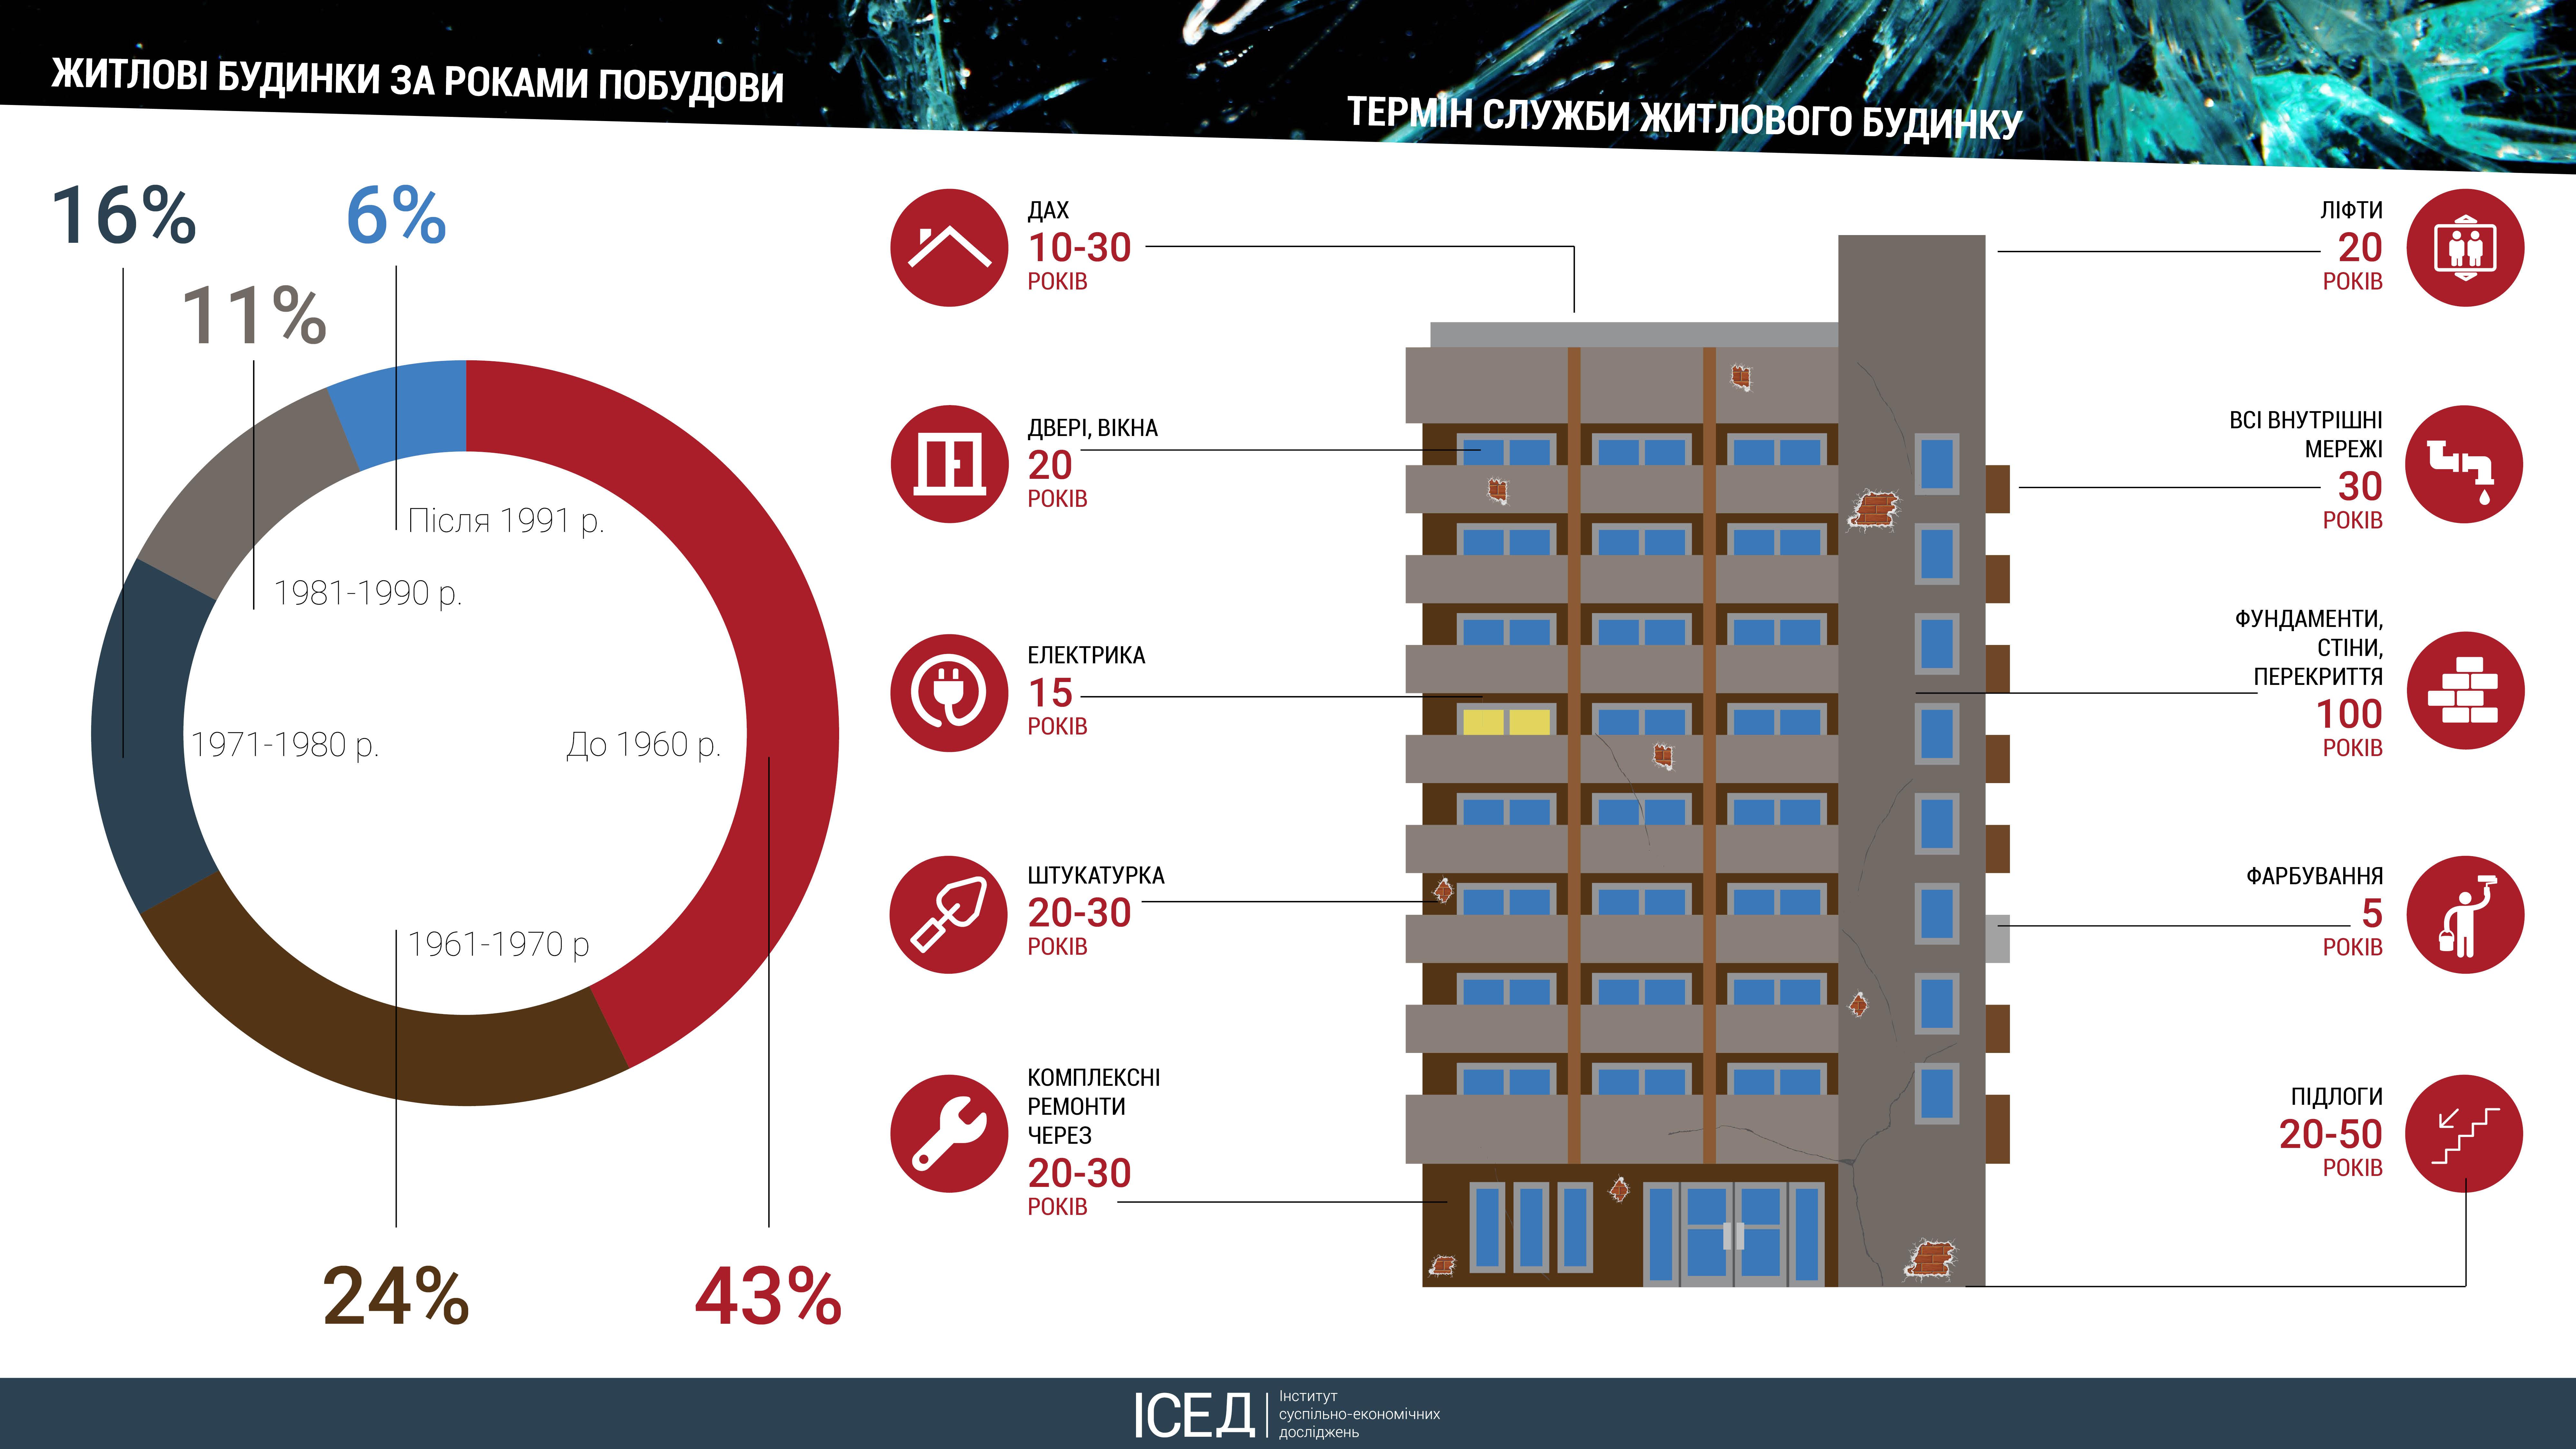 Стан житлового фонду України. Хто фінансуватиме масові капітальні ремонти будинків: мешканці чи держава?